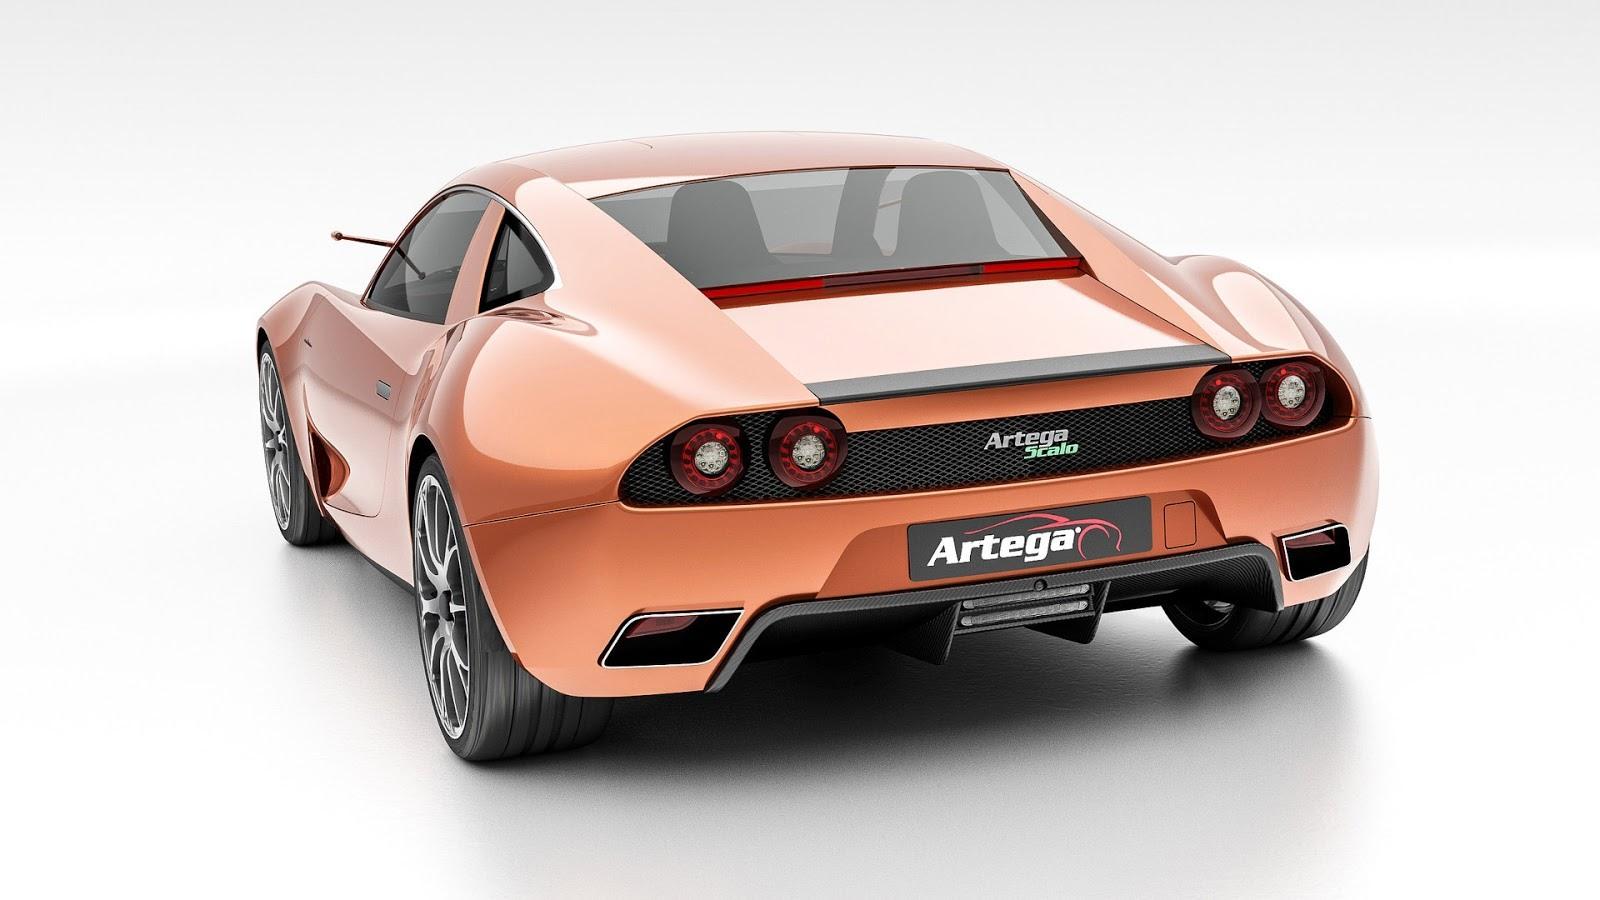 Elektrická Artega Scalo Superellectra má vyše 1000 k a dojazd 500 km